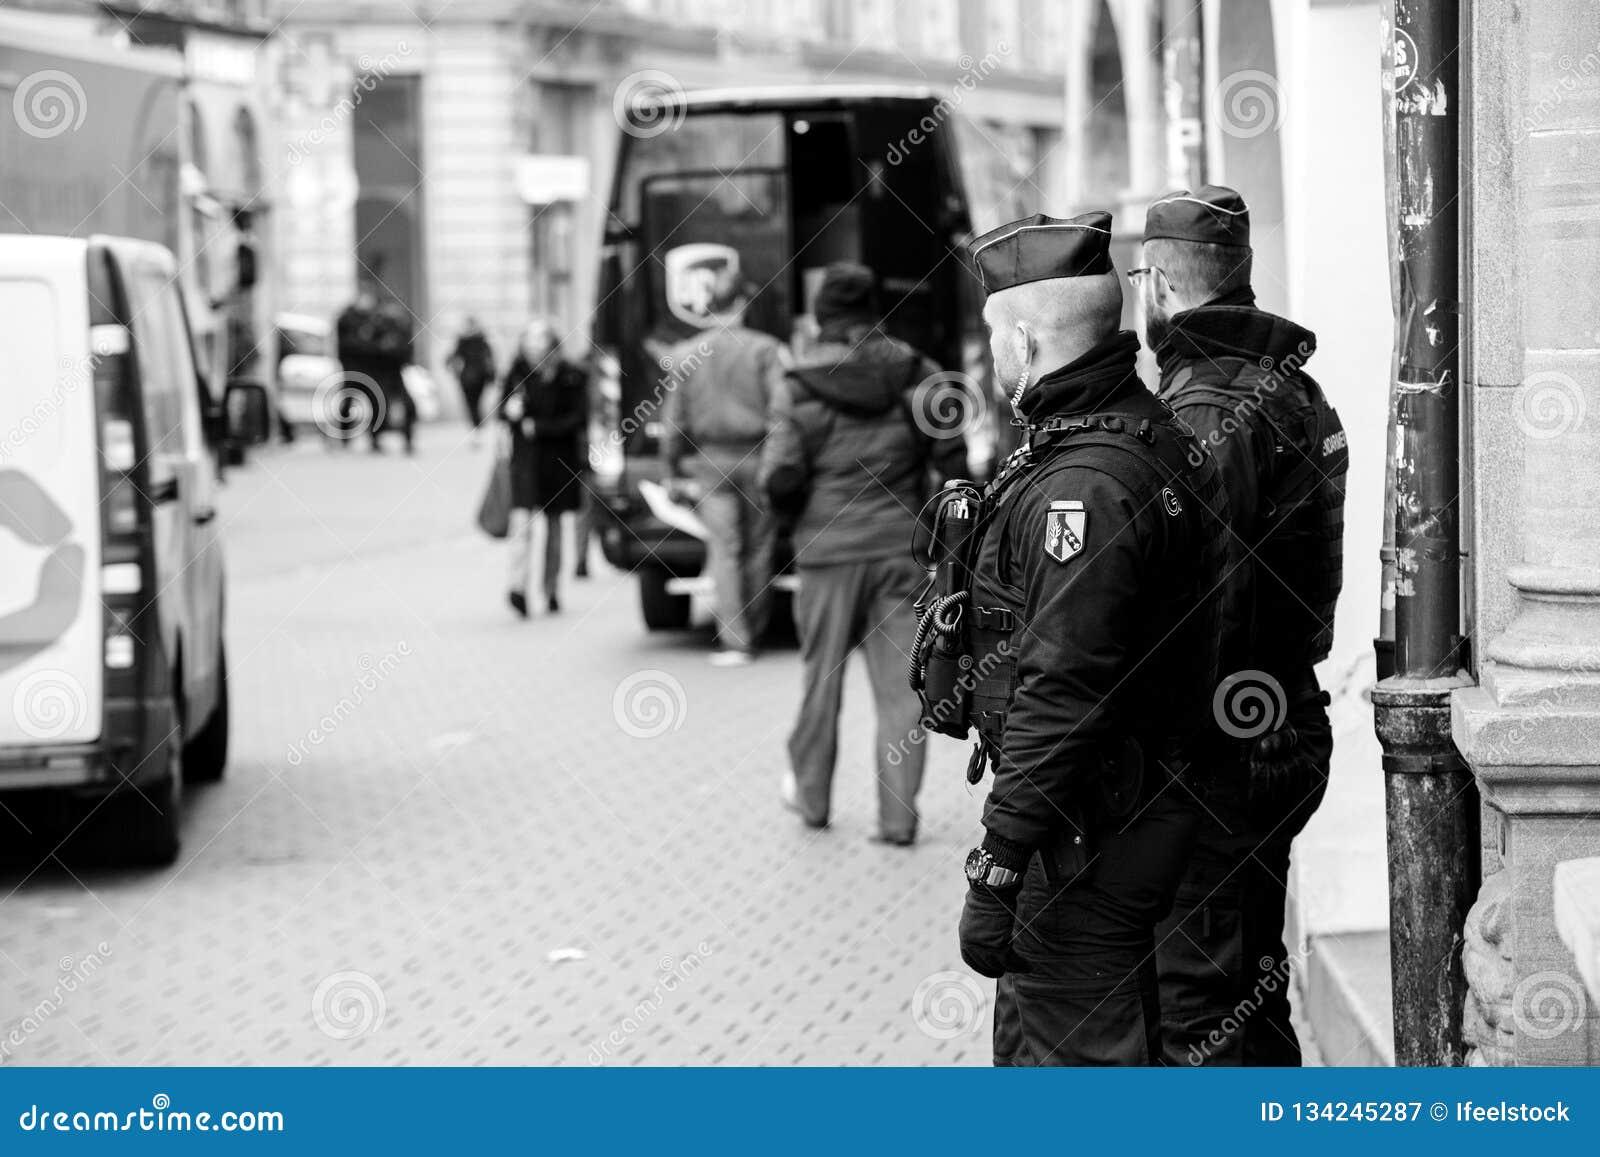 Scène surveilling d attaque terroriste de police après attaque Strasbour